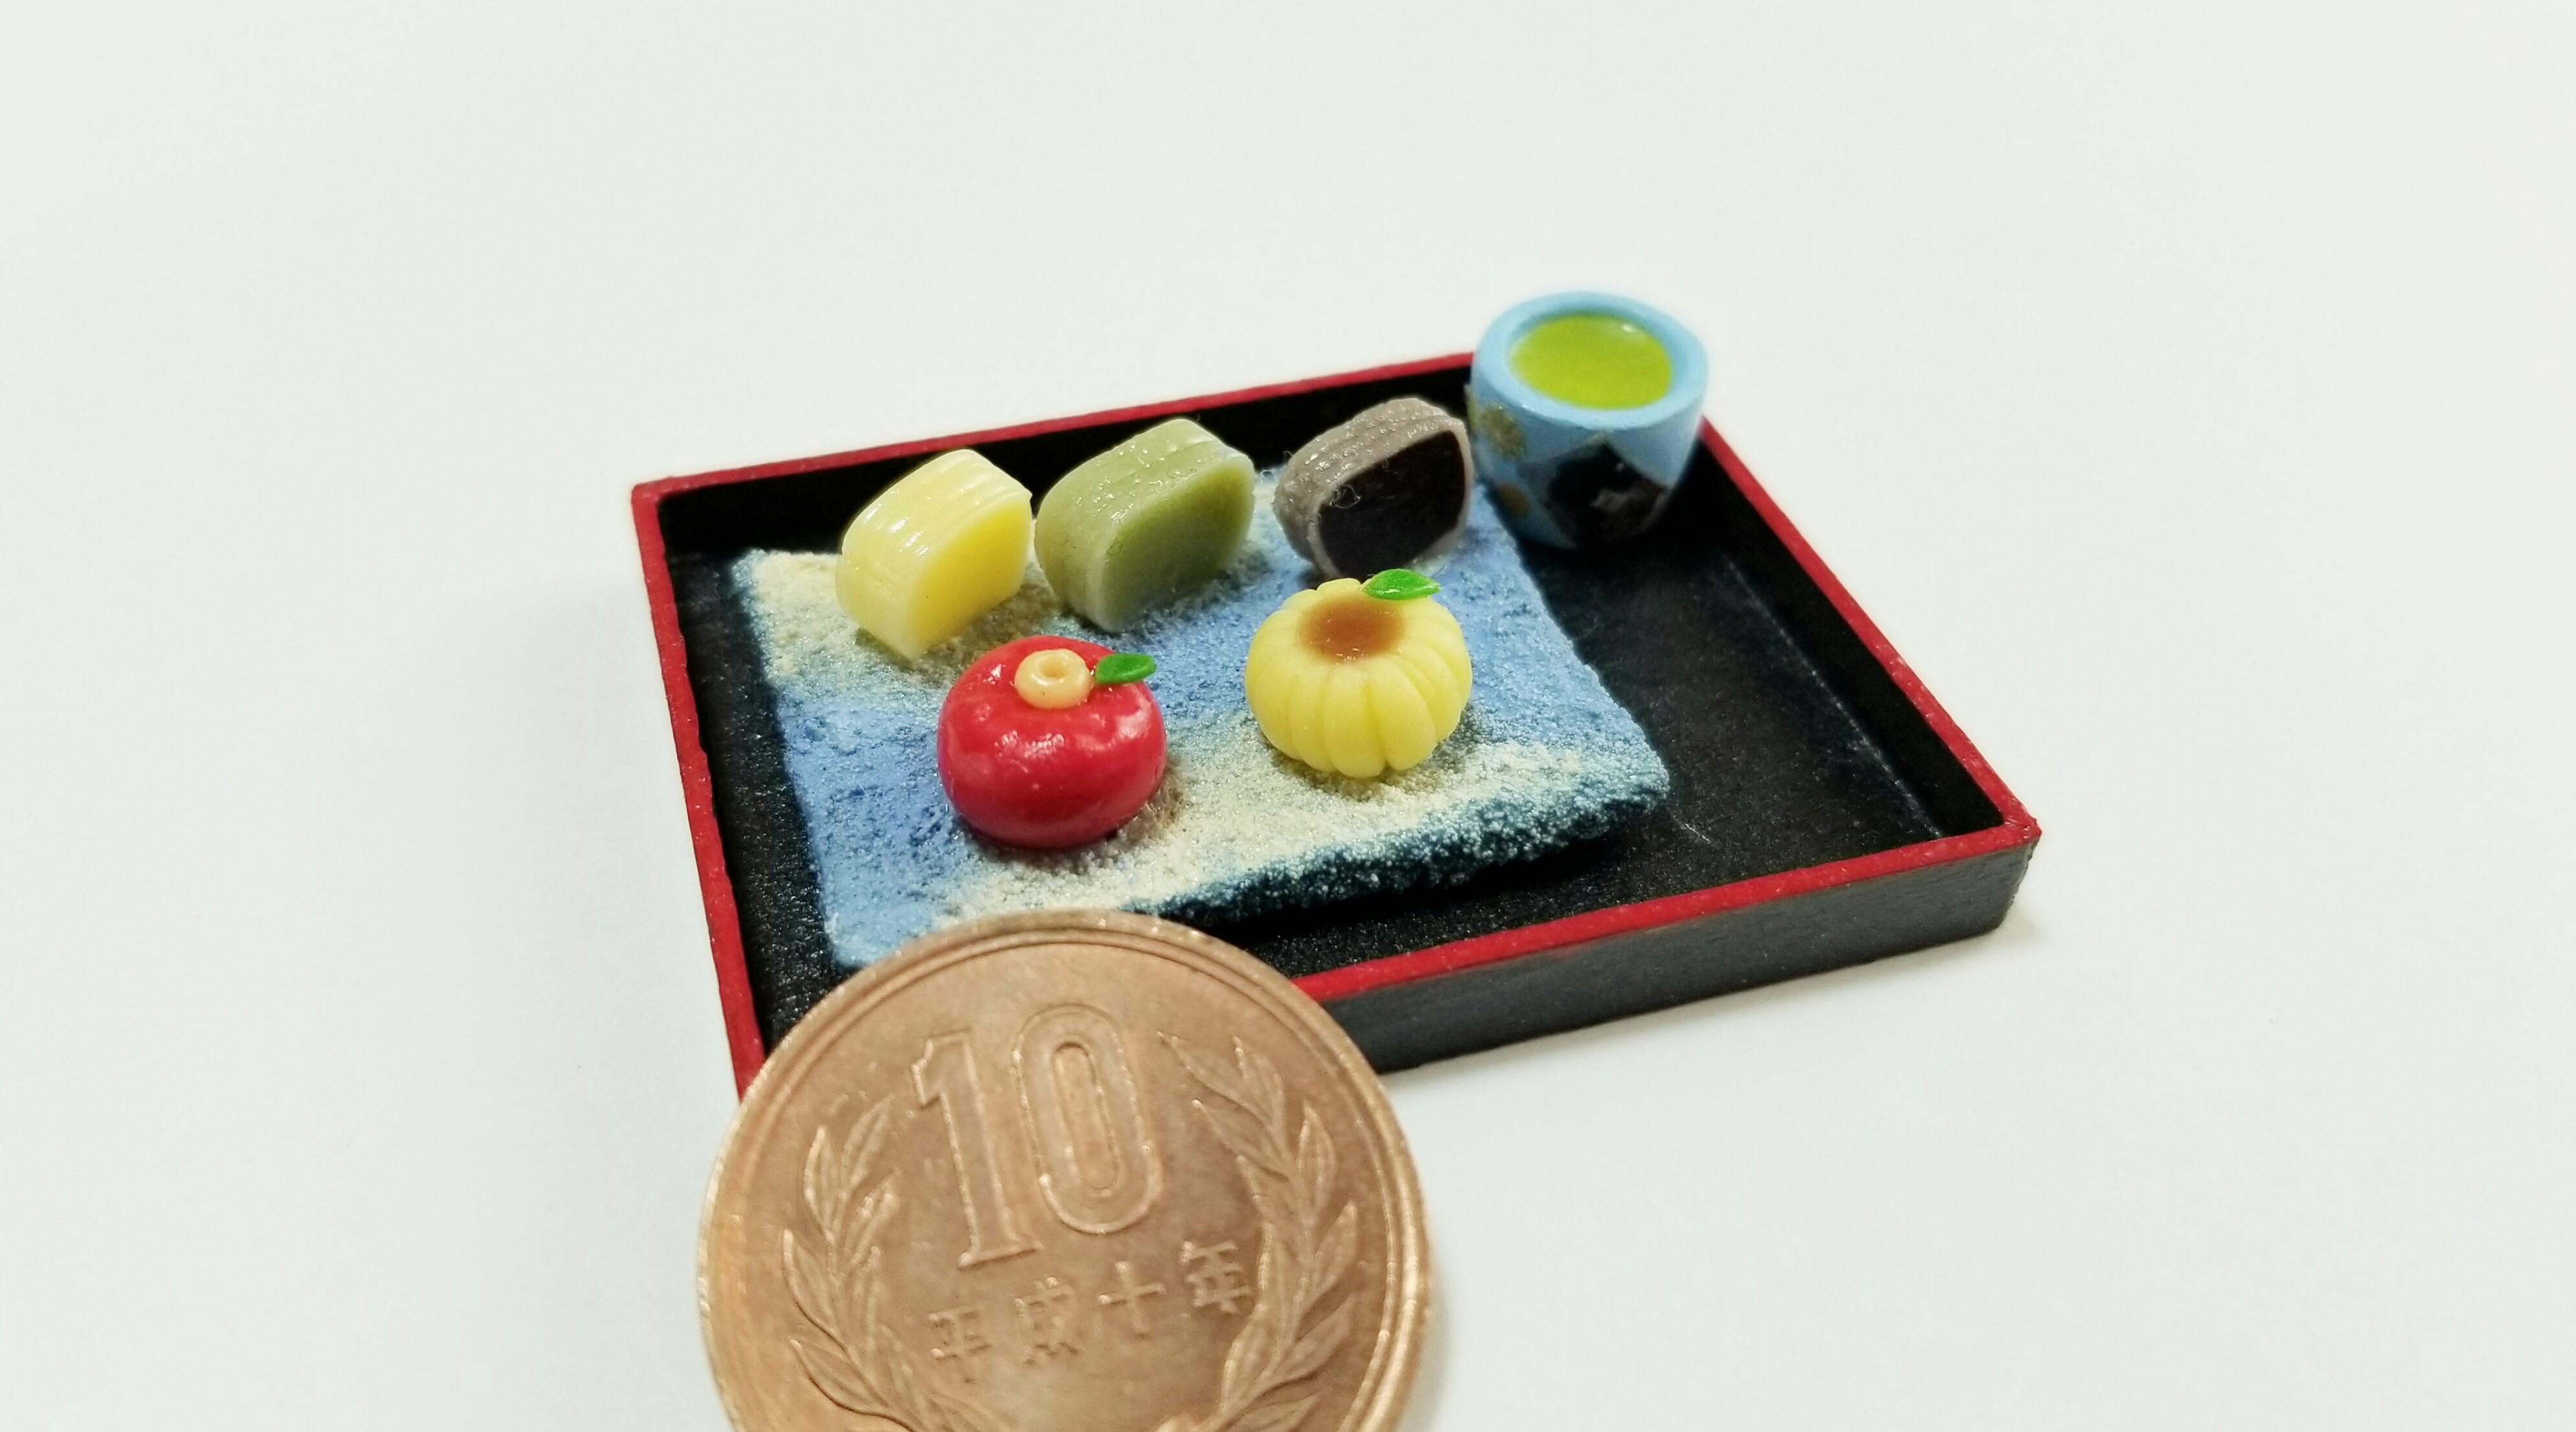 かわいいおすすめドール用品小物オビツ11シルバニア和菓子ブログ